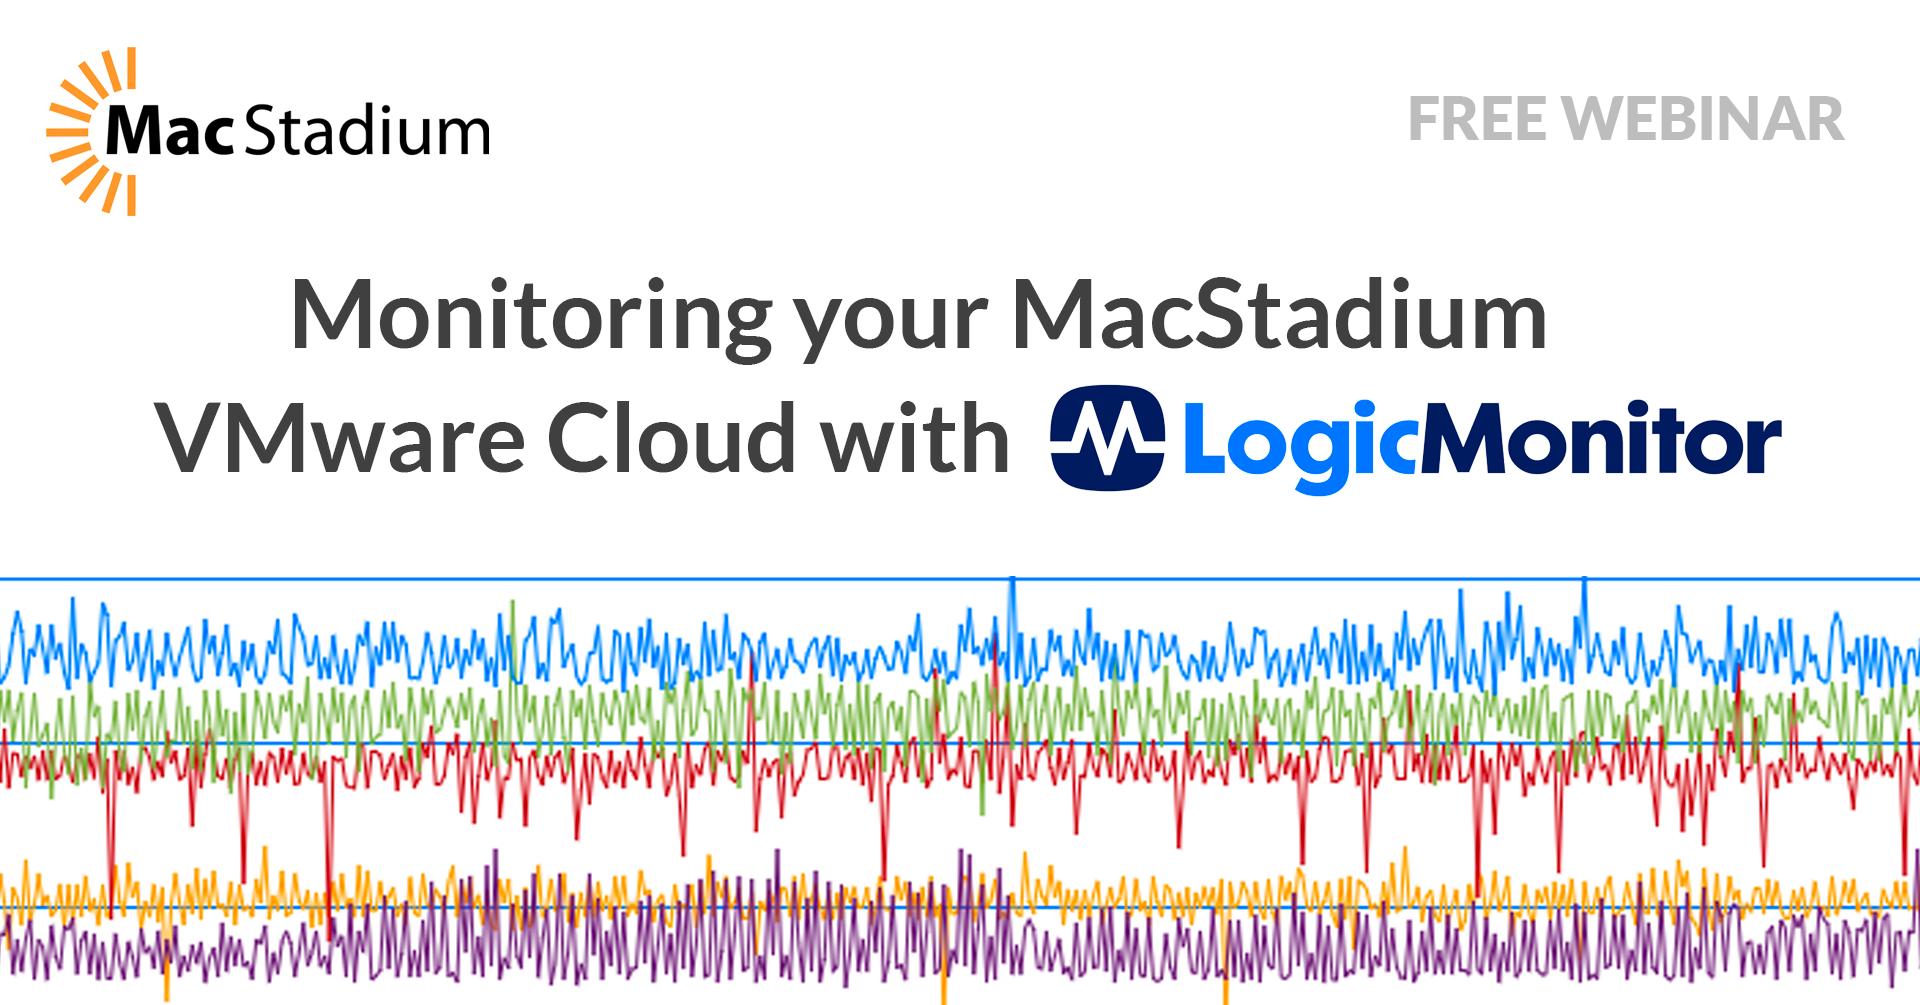 Basics of Monitoring your VMware Cloud at MacStadium with LogicMonitor